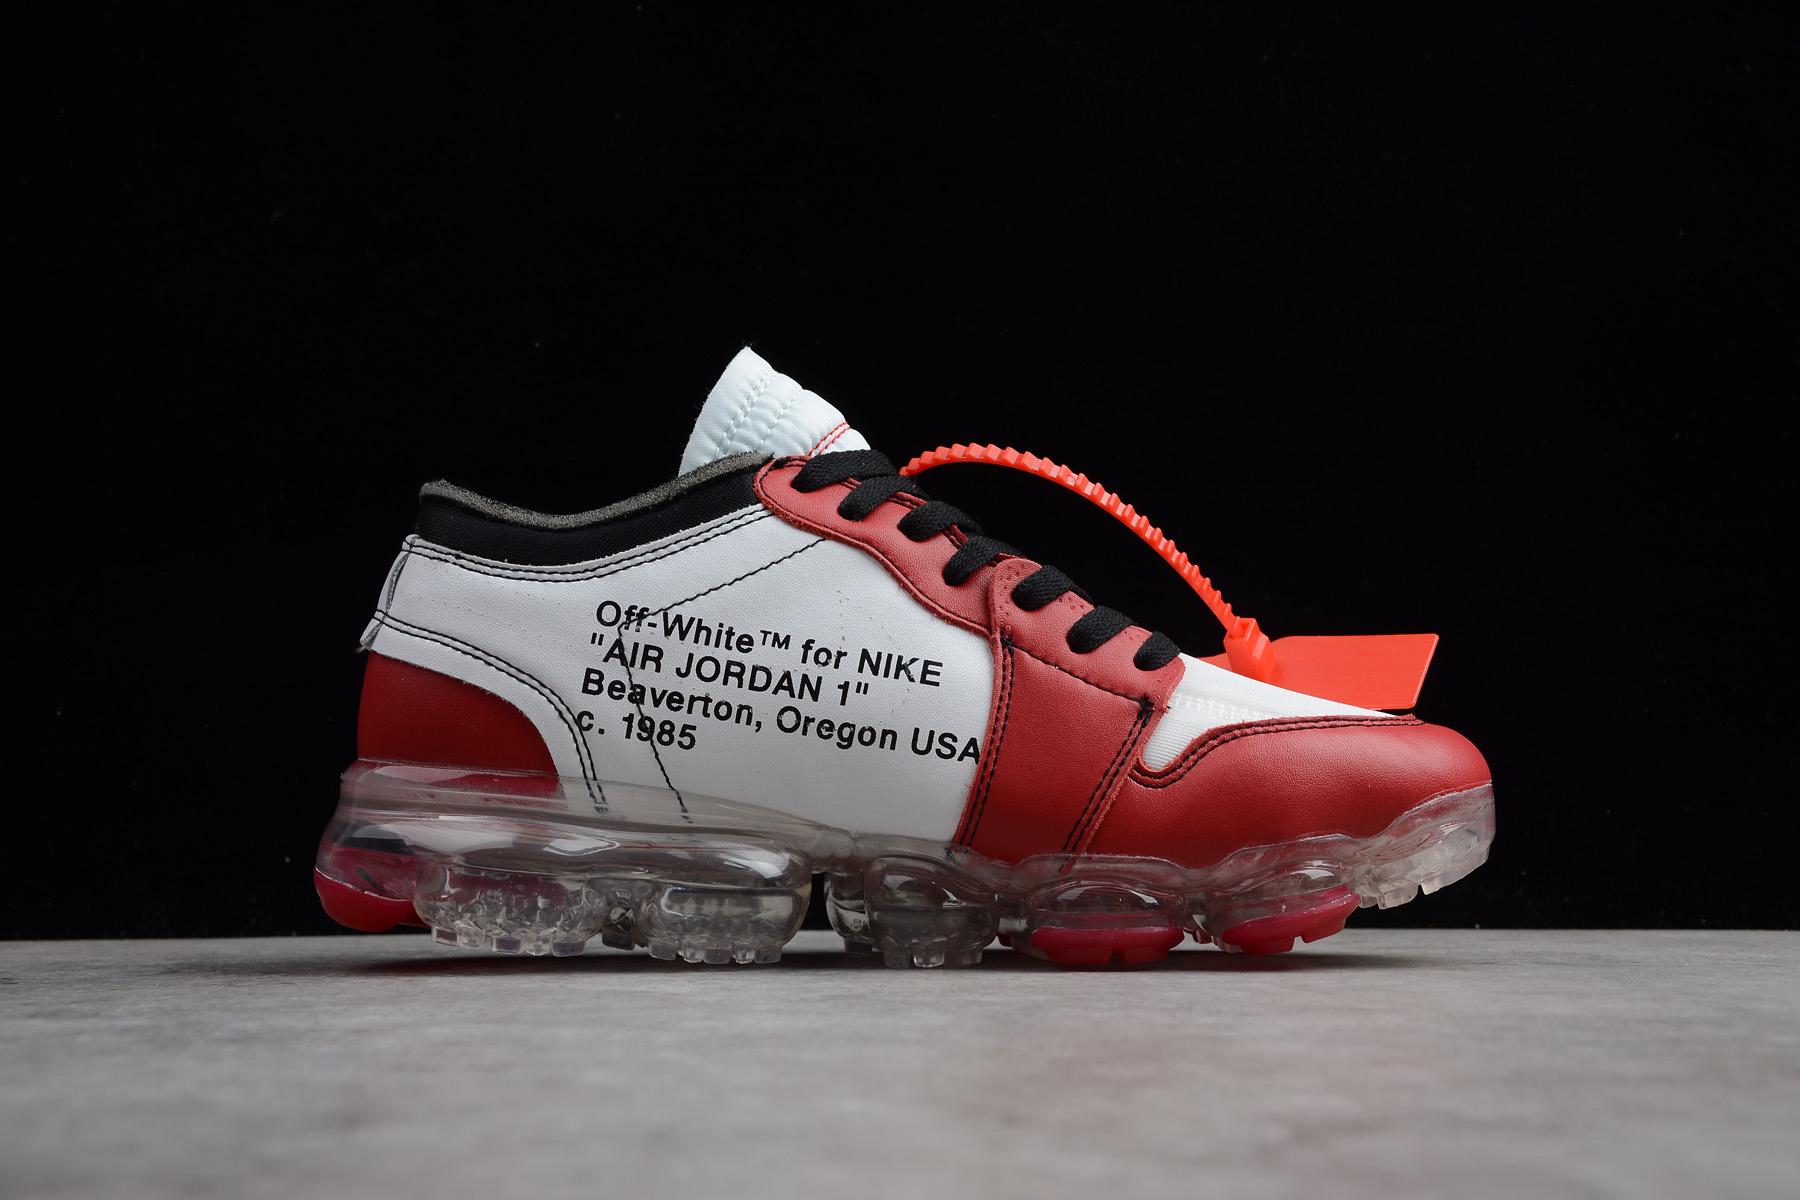 pretty cheap pre order hot sale Off-White x Nike Air VaporMax x Air Jordan 1